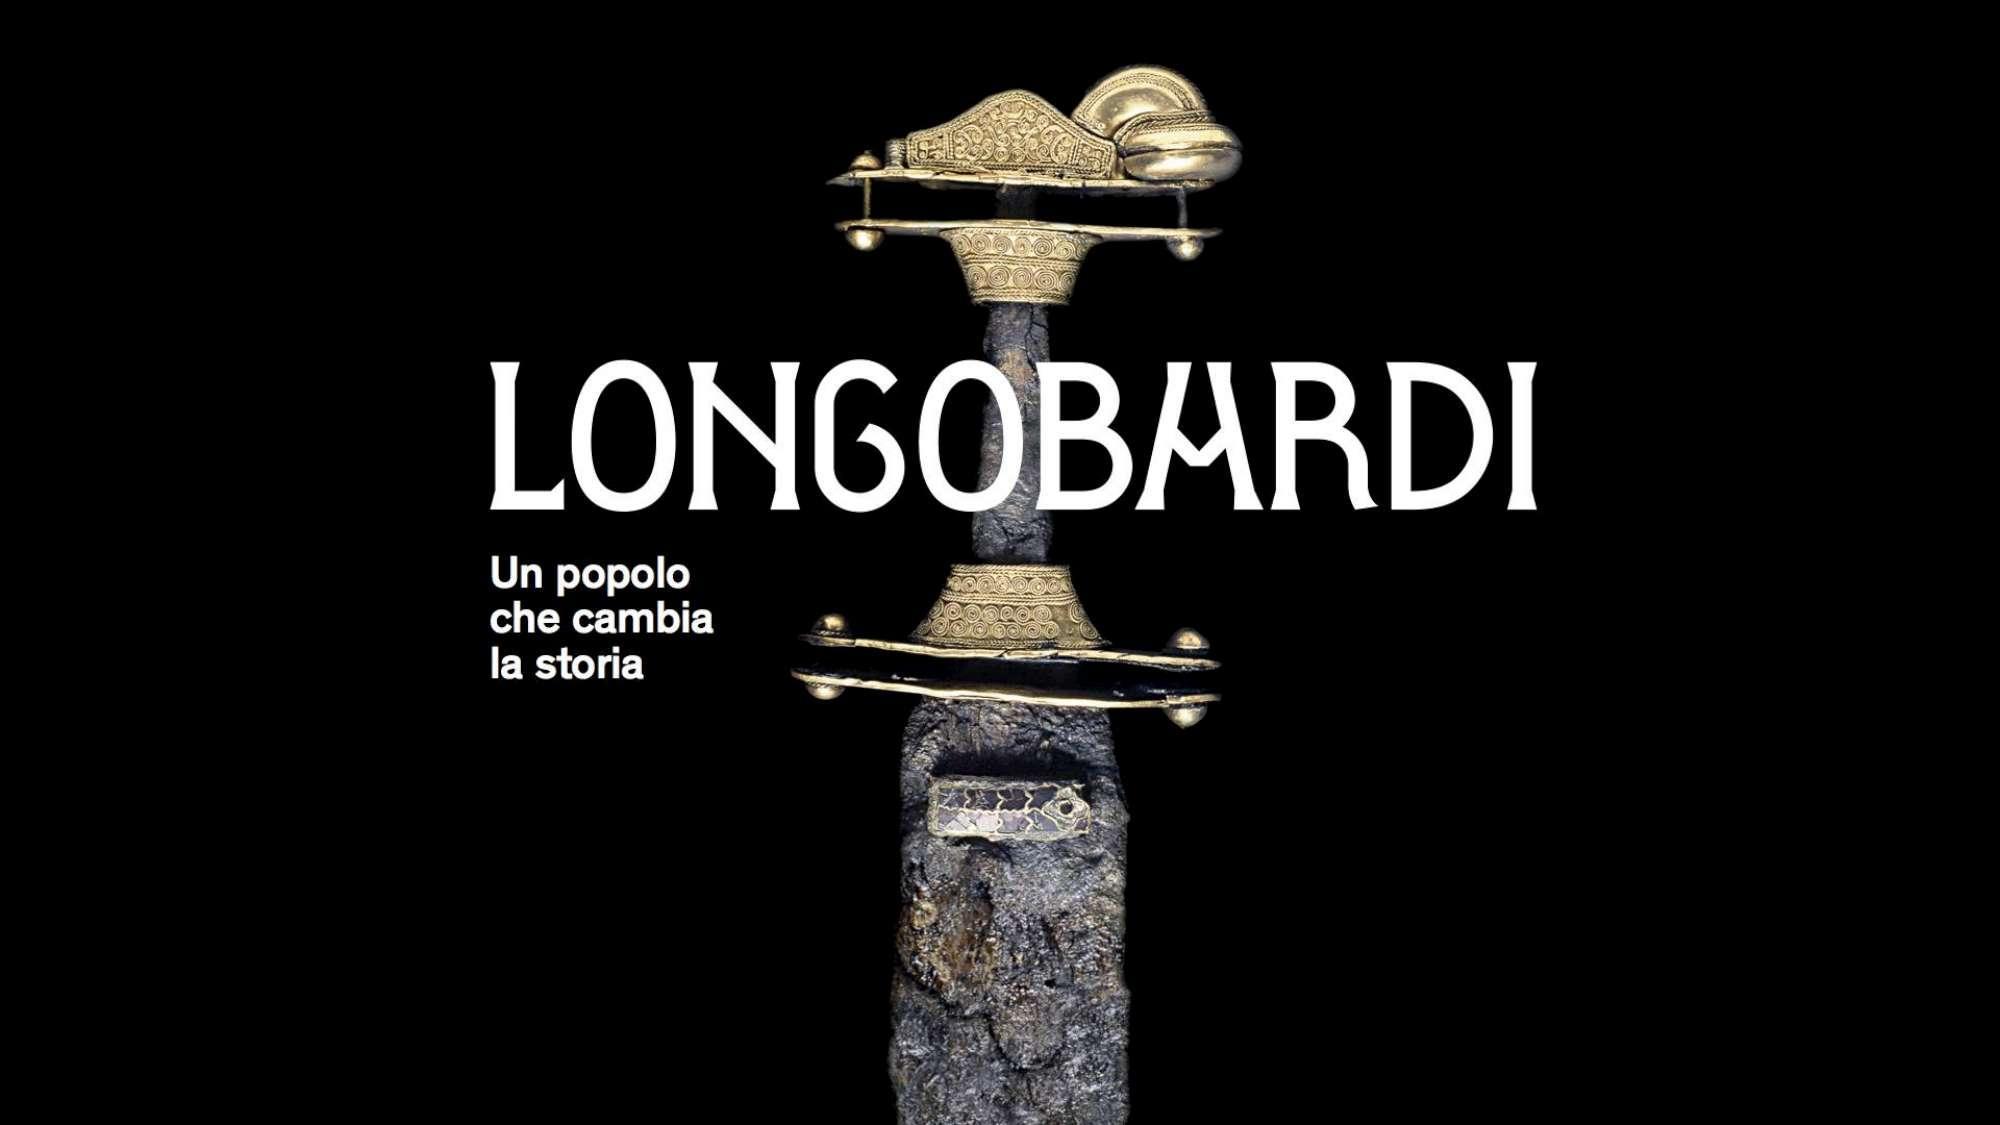 Un popolo che cambia la storia , la mostra-evento sui Longobardi